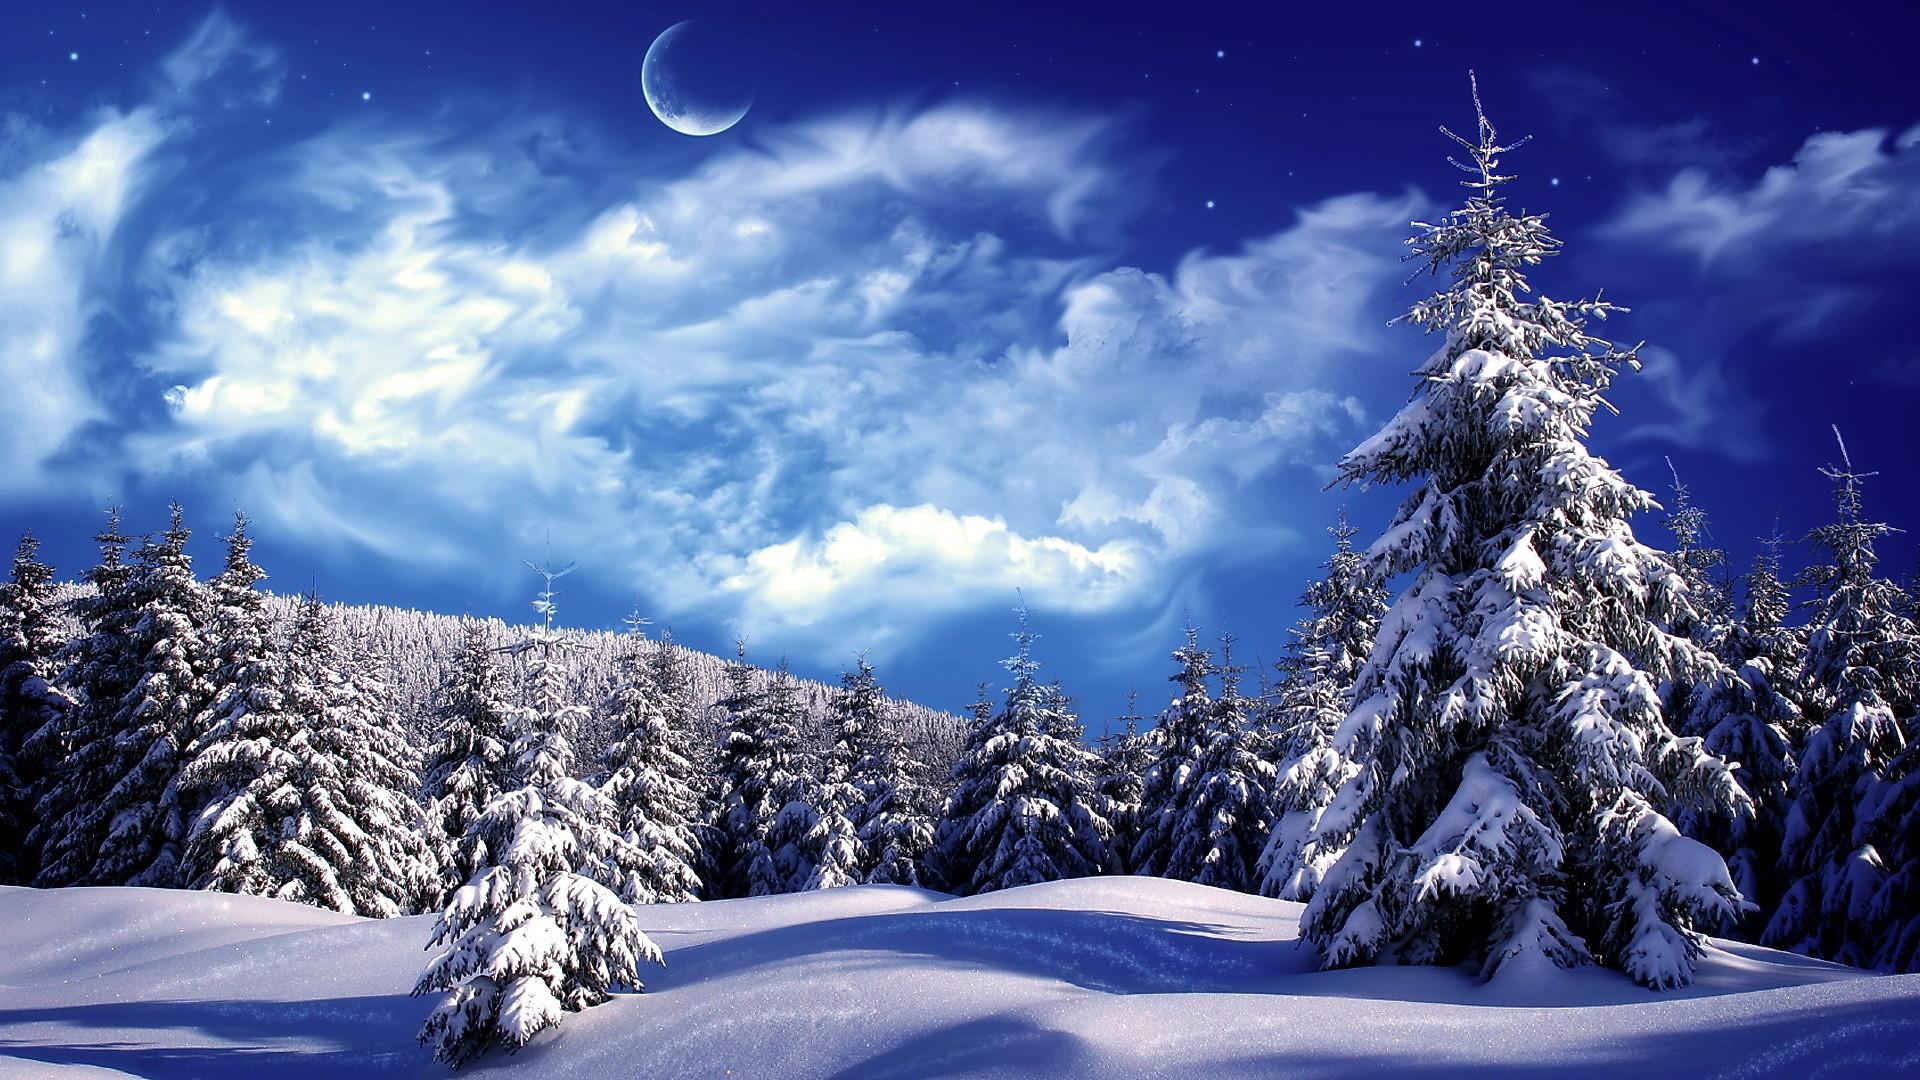 Snowy Winter Scenes Wallpaper | Snowy wonderland, mountain, scene, sky,  snow,